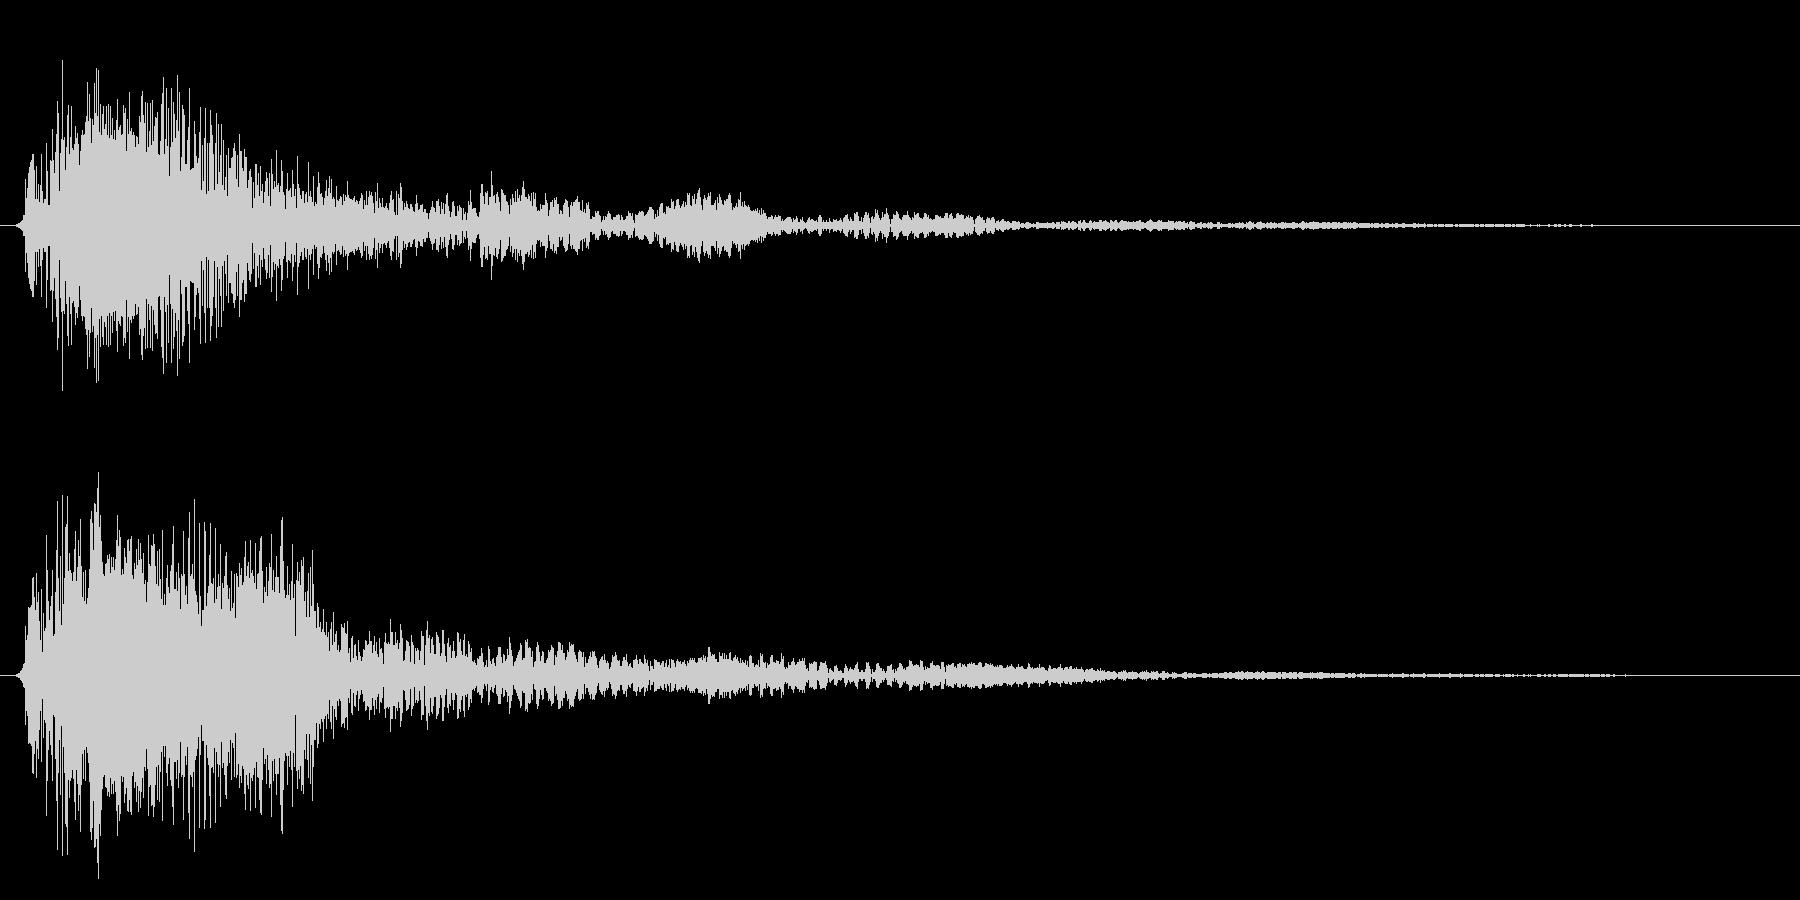 ブーン/ワープ/SF風の未再生の波形